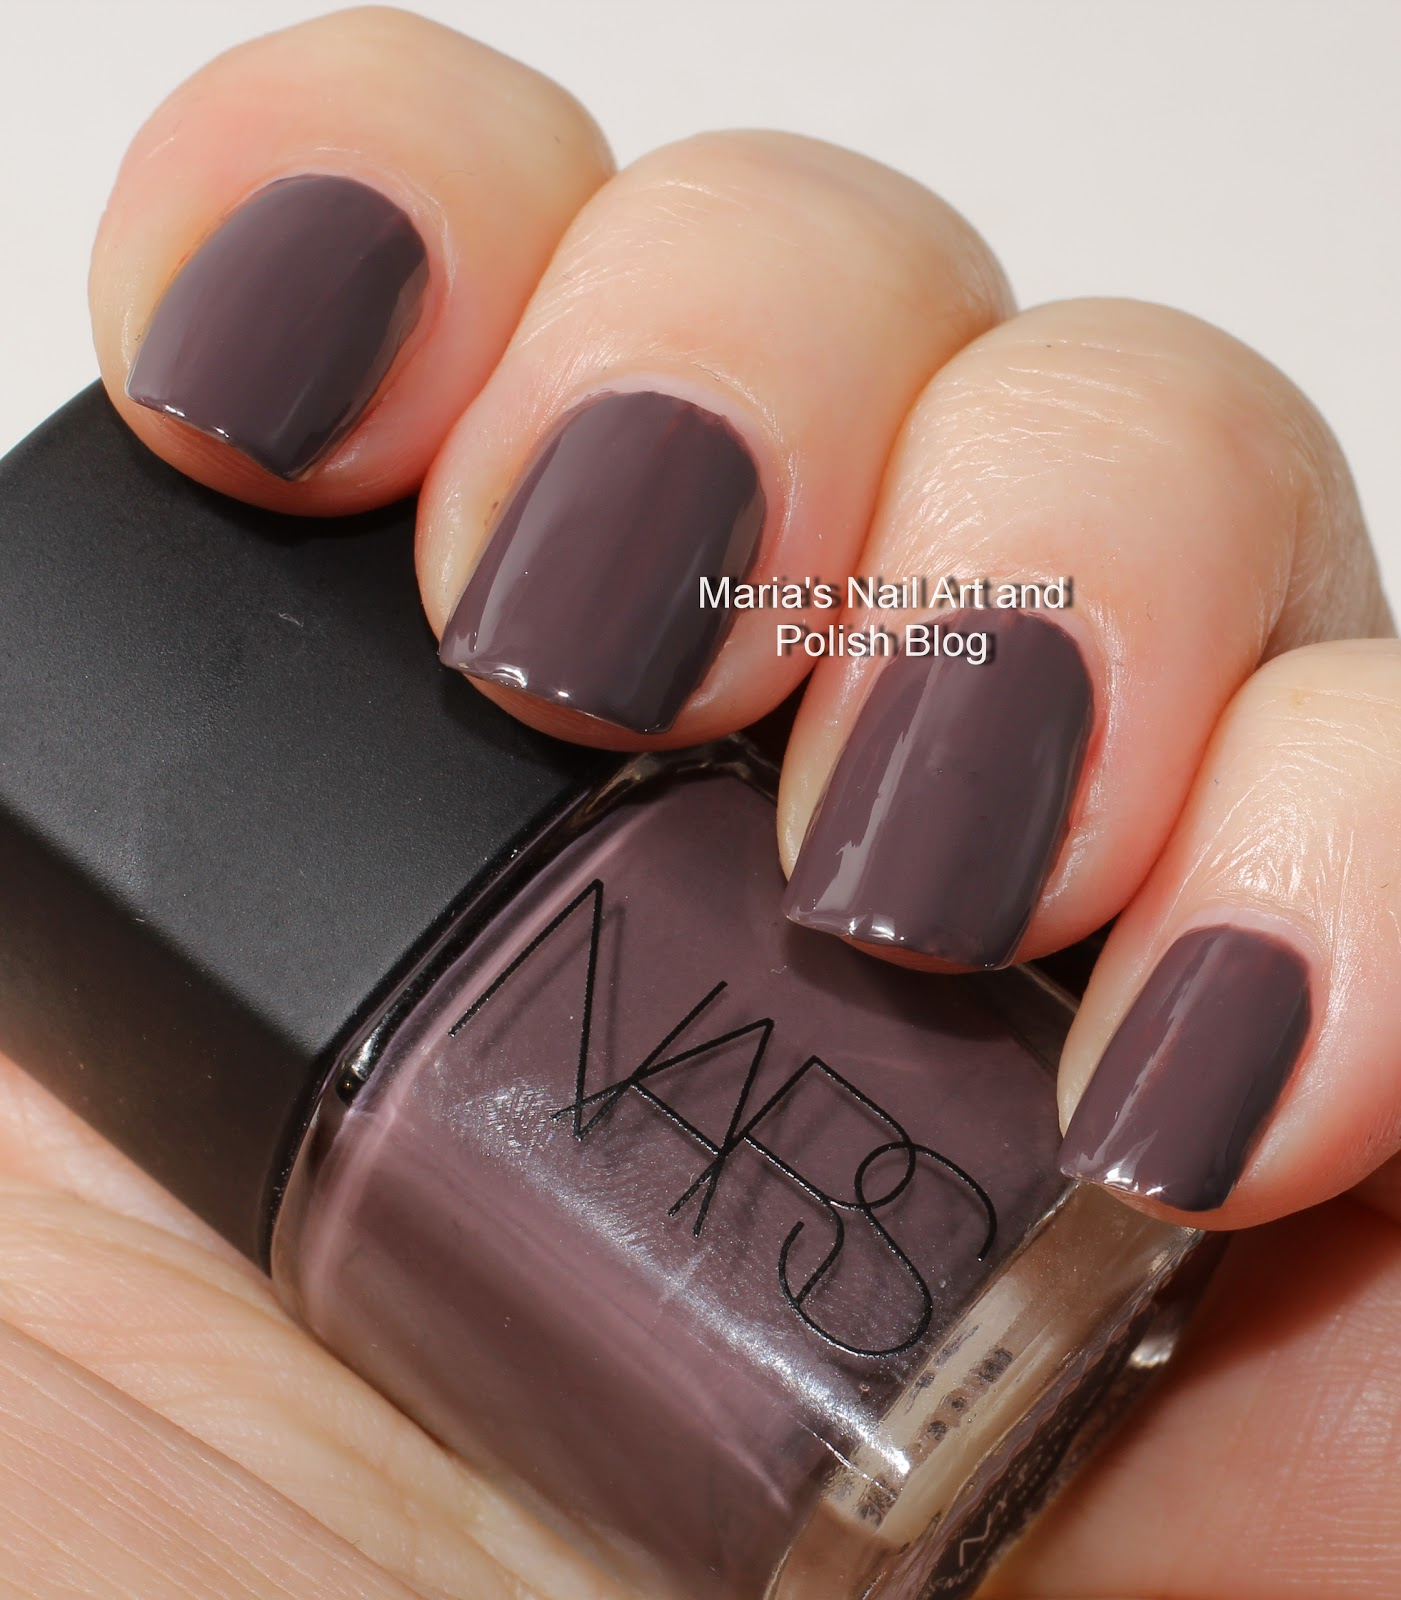 Marias Nail Art and Polish Blog: NARS Beautiful Stranger coll ...